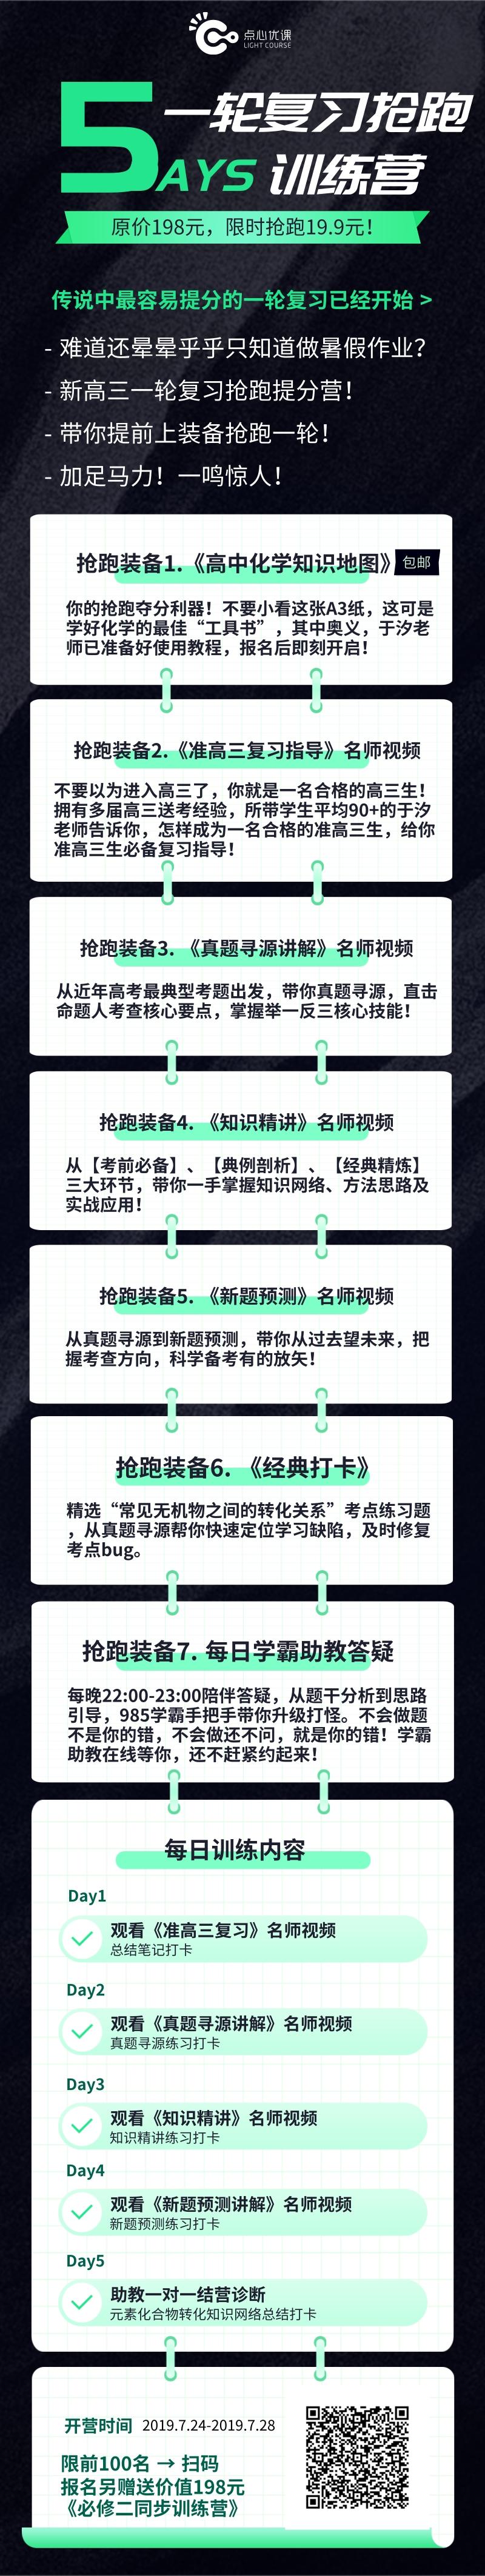 一轮复习抢跑@凡科快图[kt.fkw.com].jpg